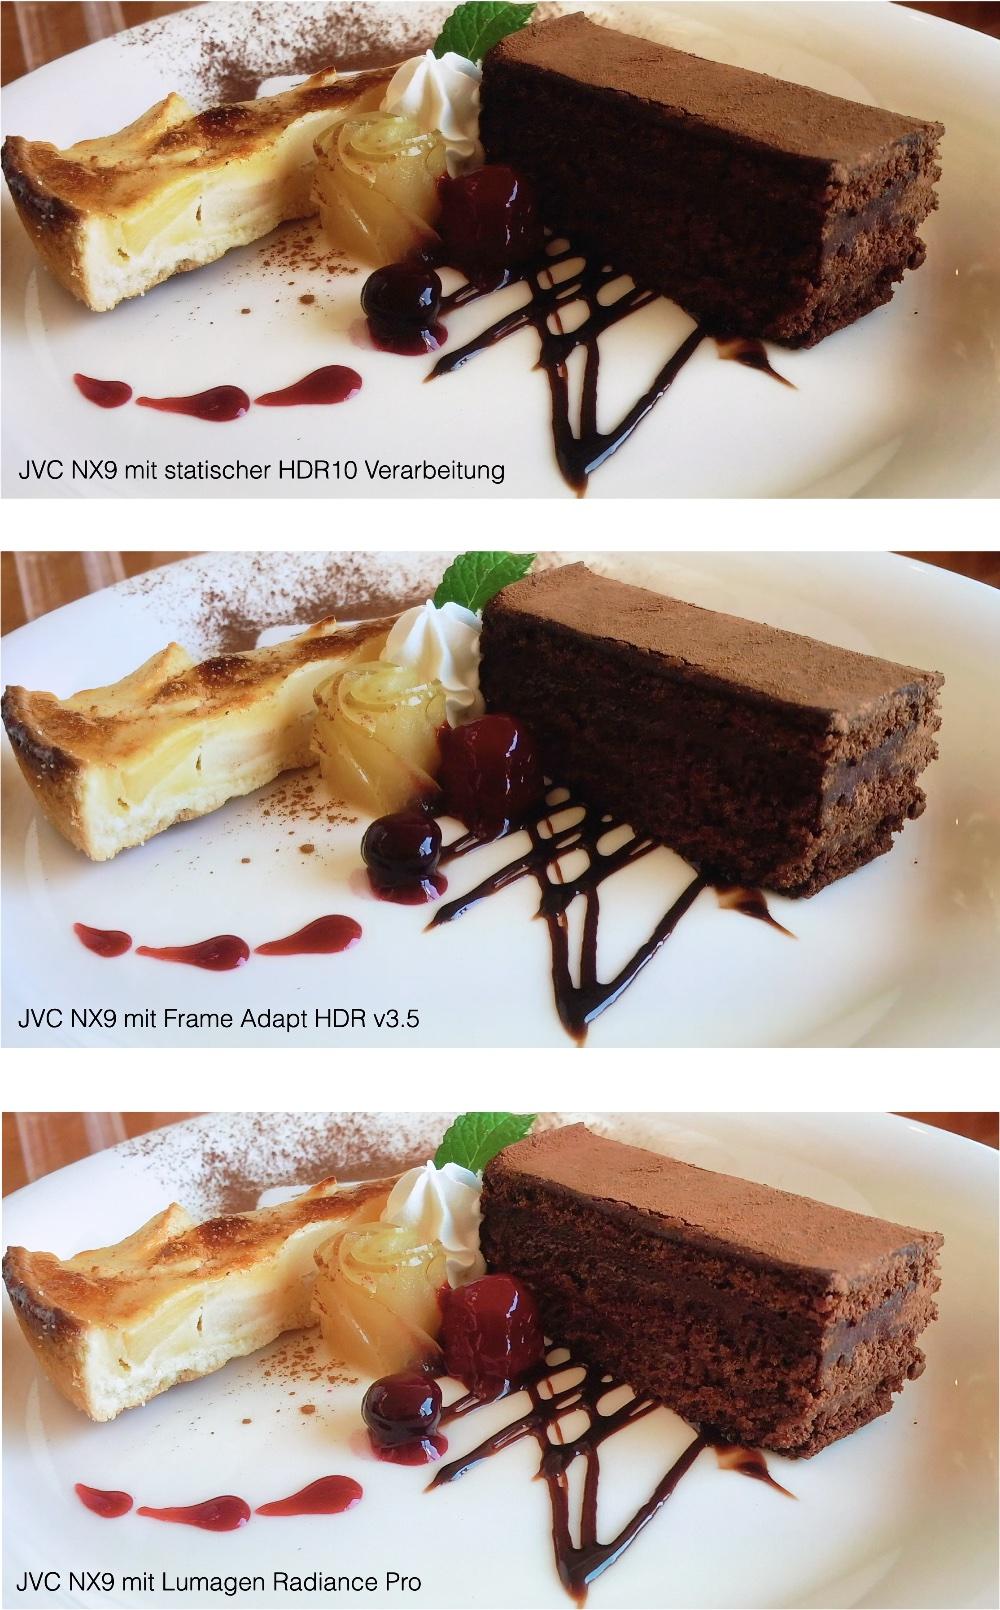 Kuchen_Vergleiche.jpg